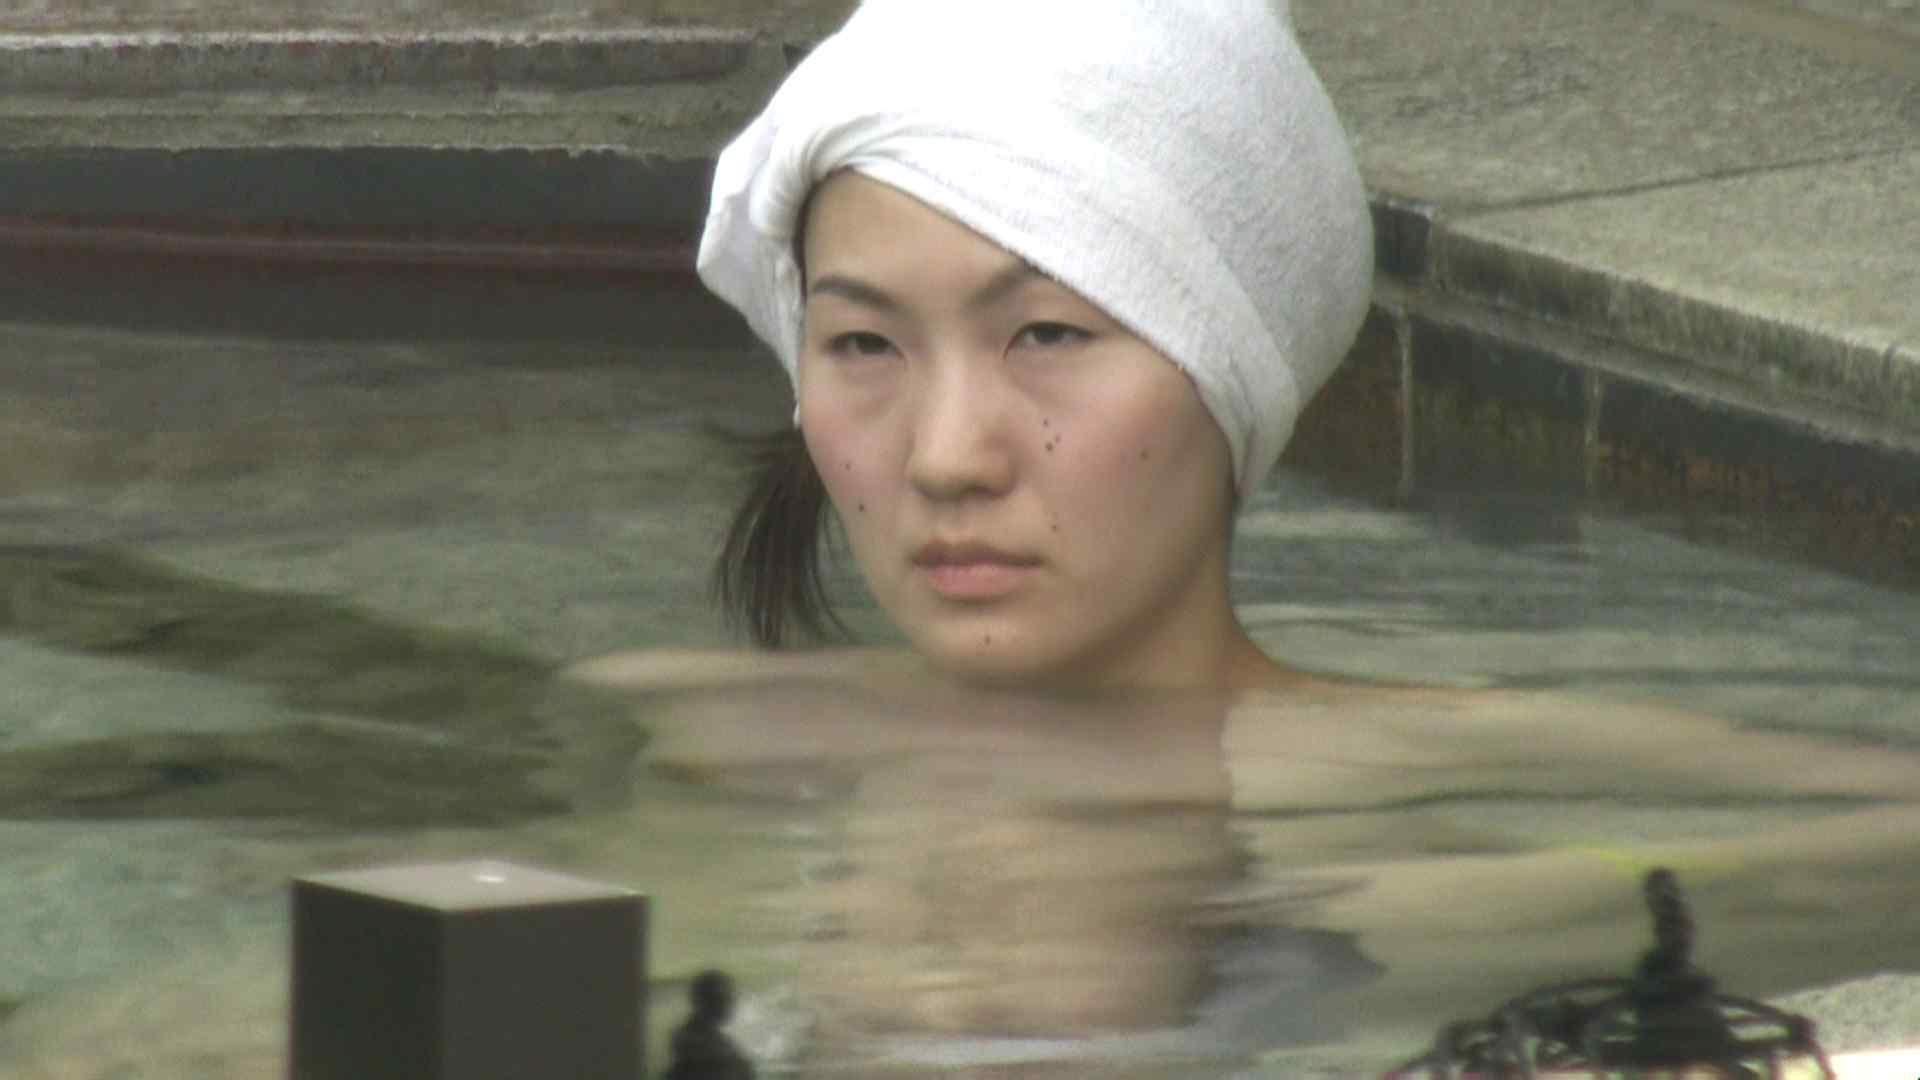 高画質露天女風呂観察 vol.034 女風呂 | Hな乙女  49pic 24